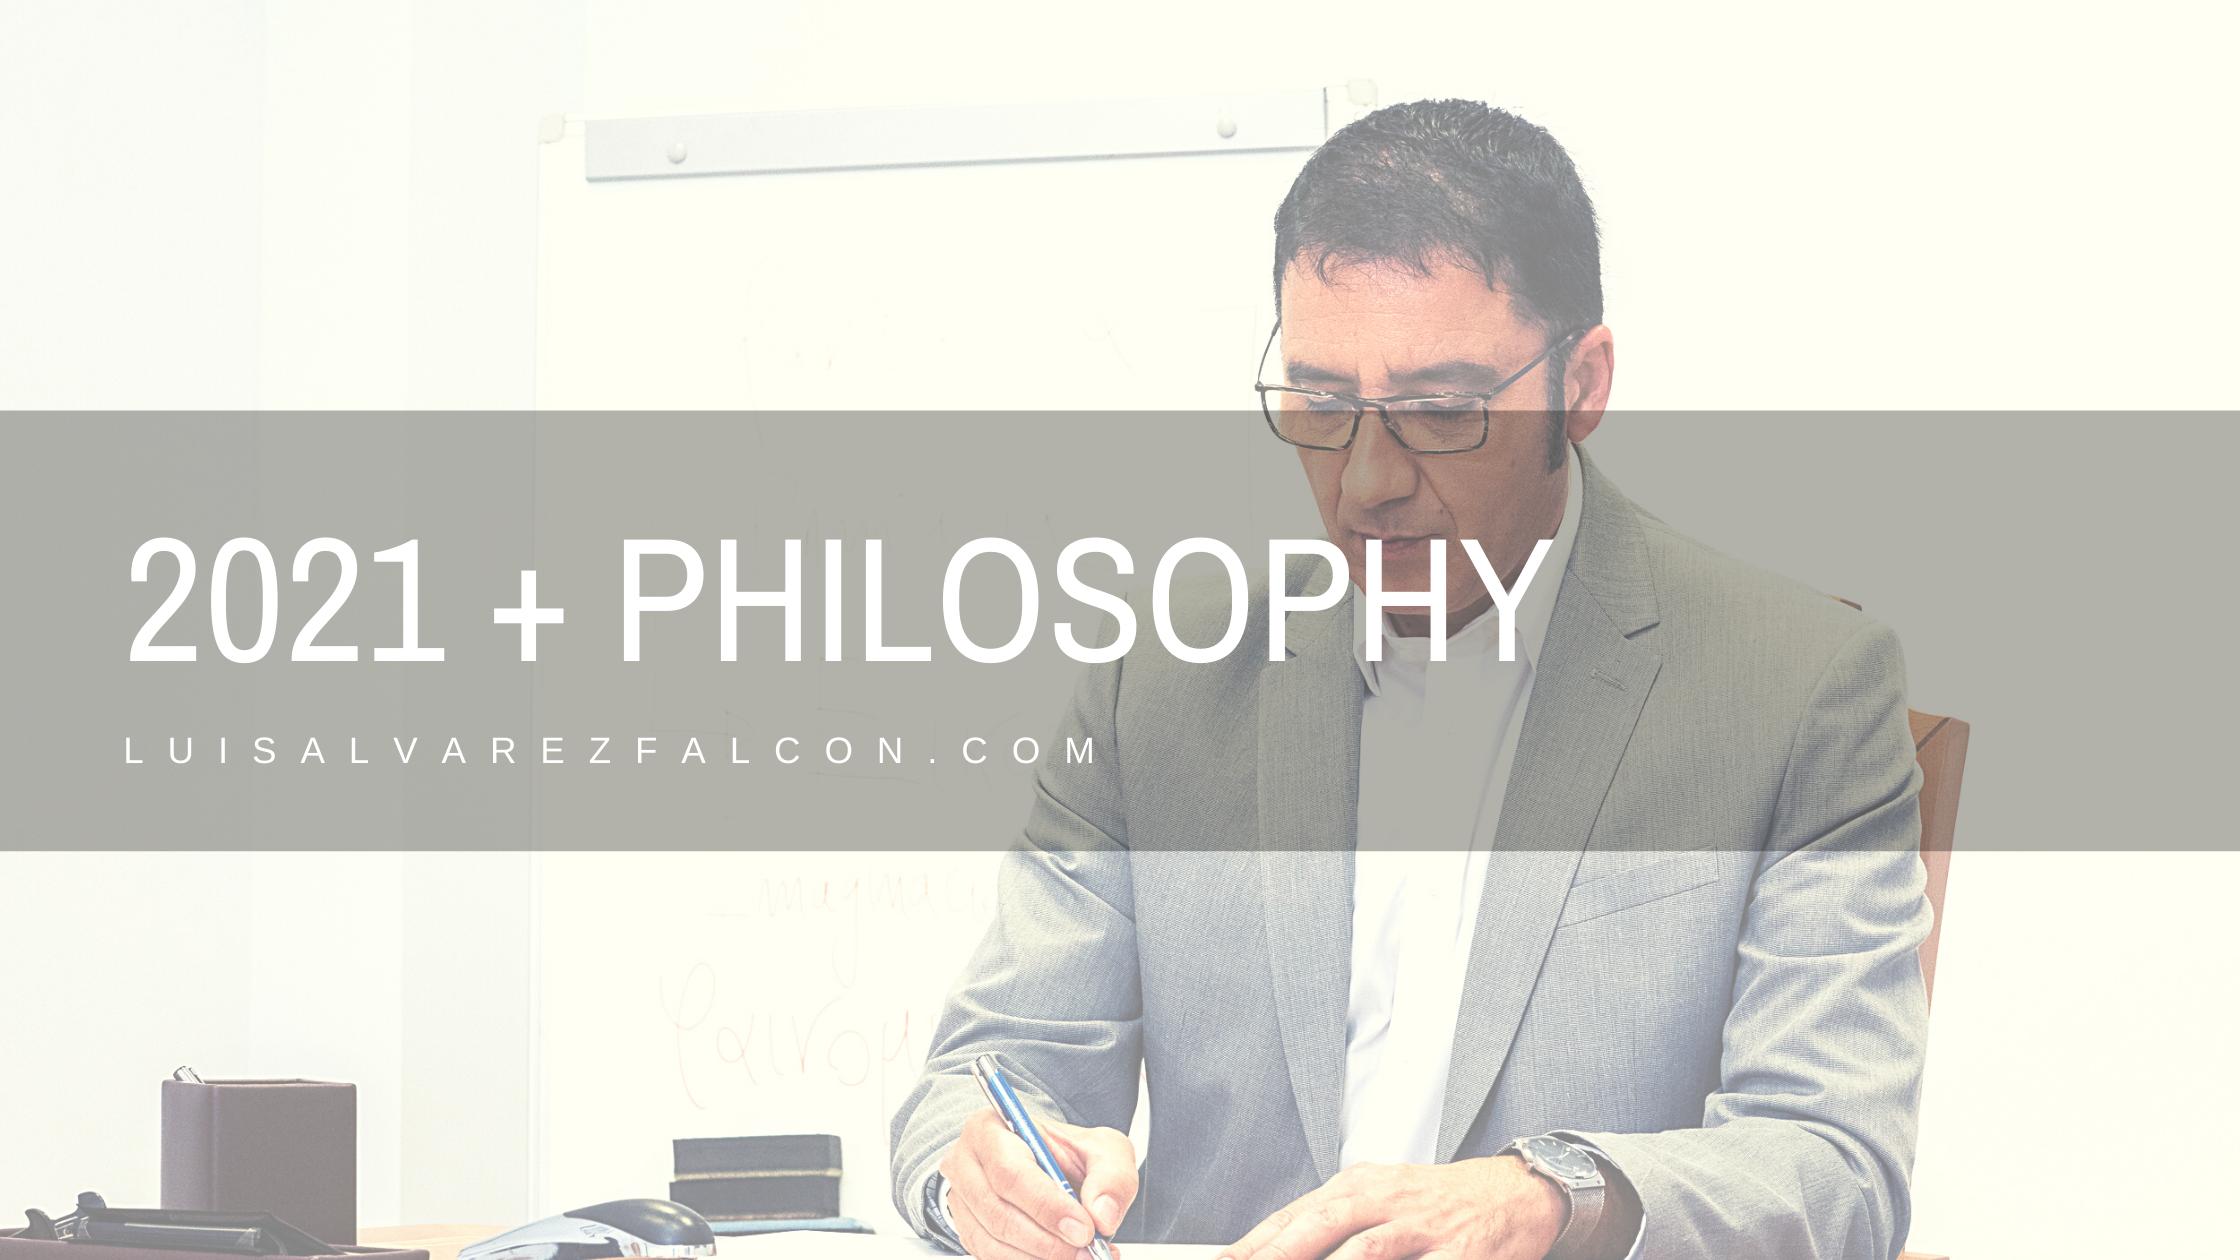 +Philosophy